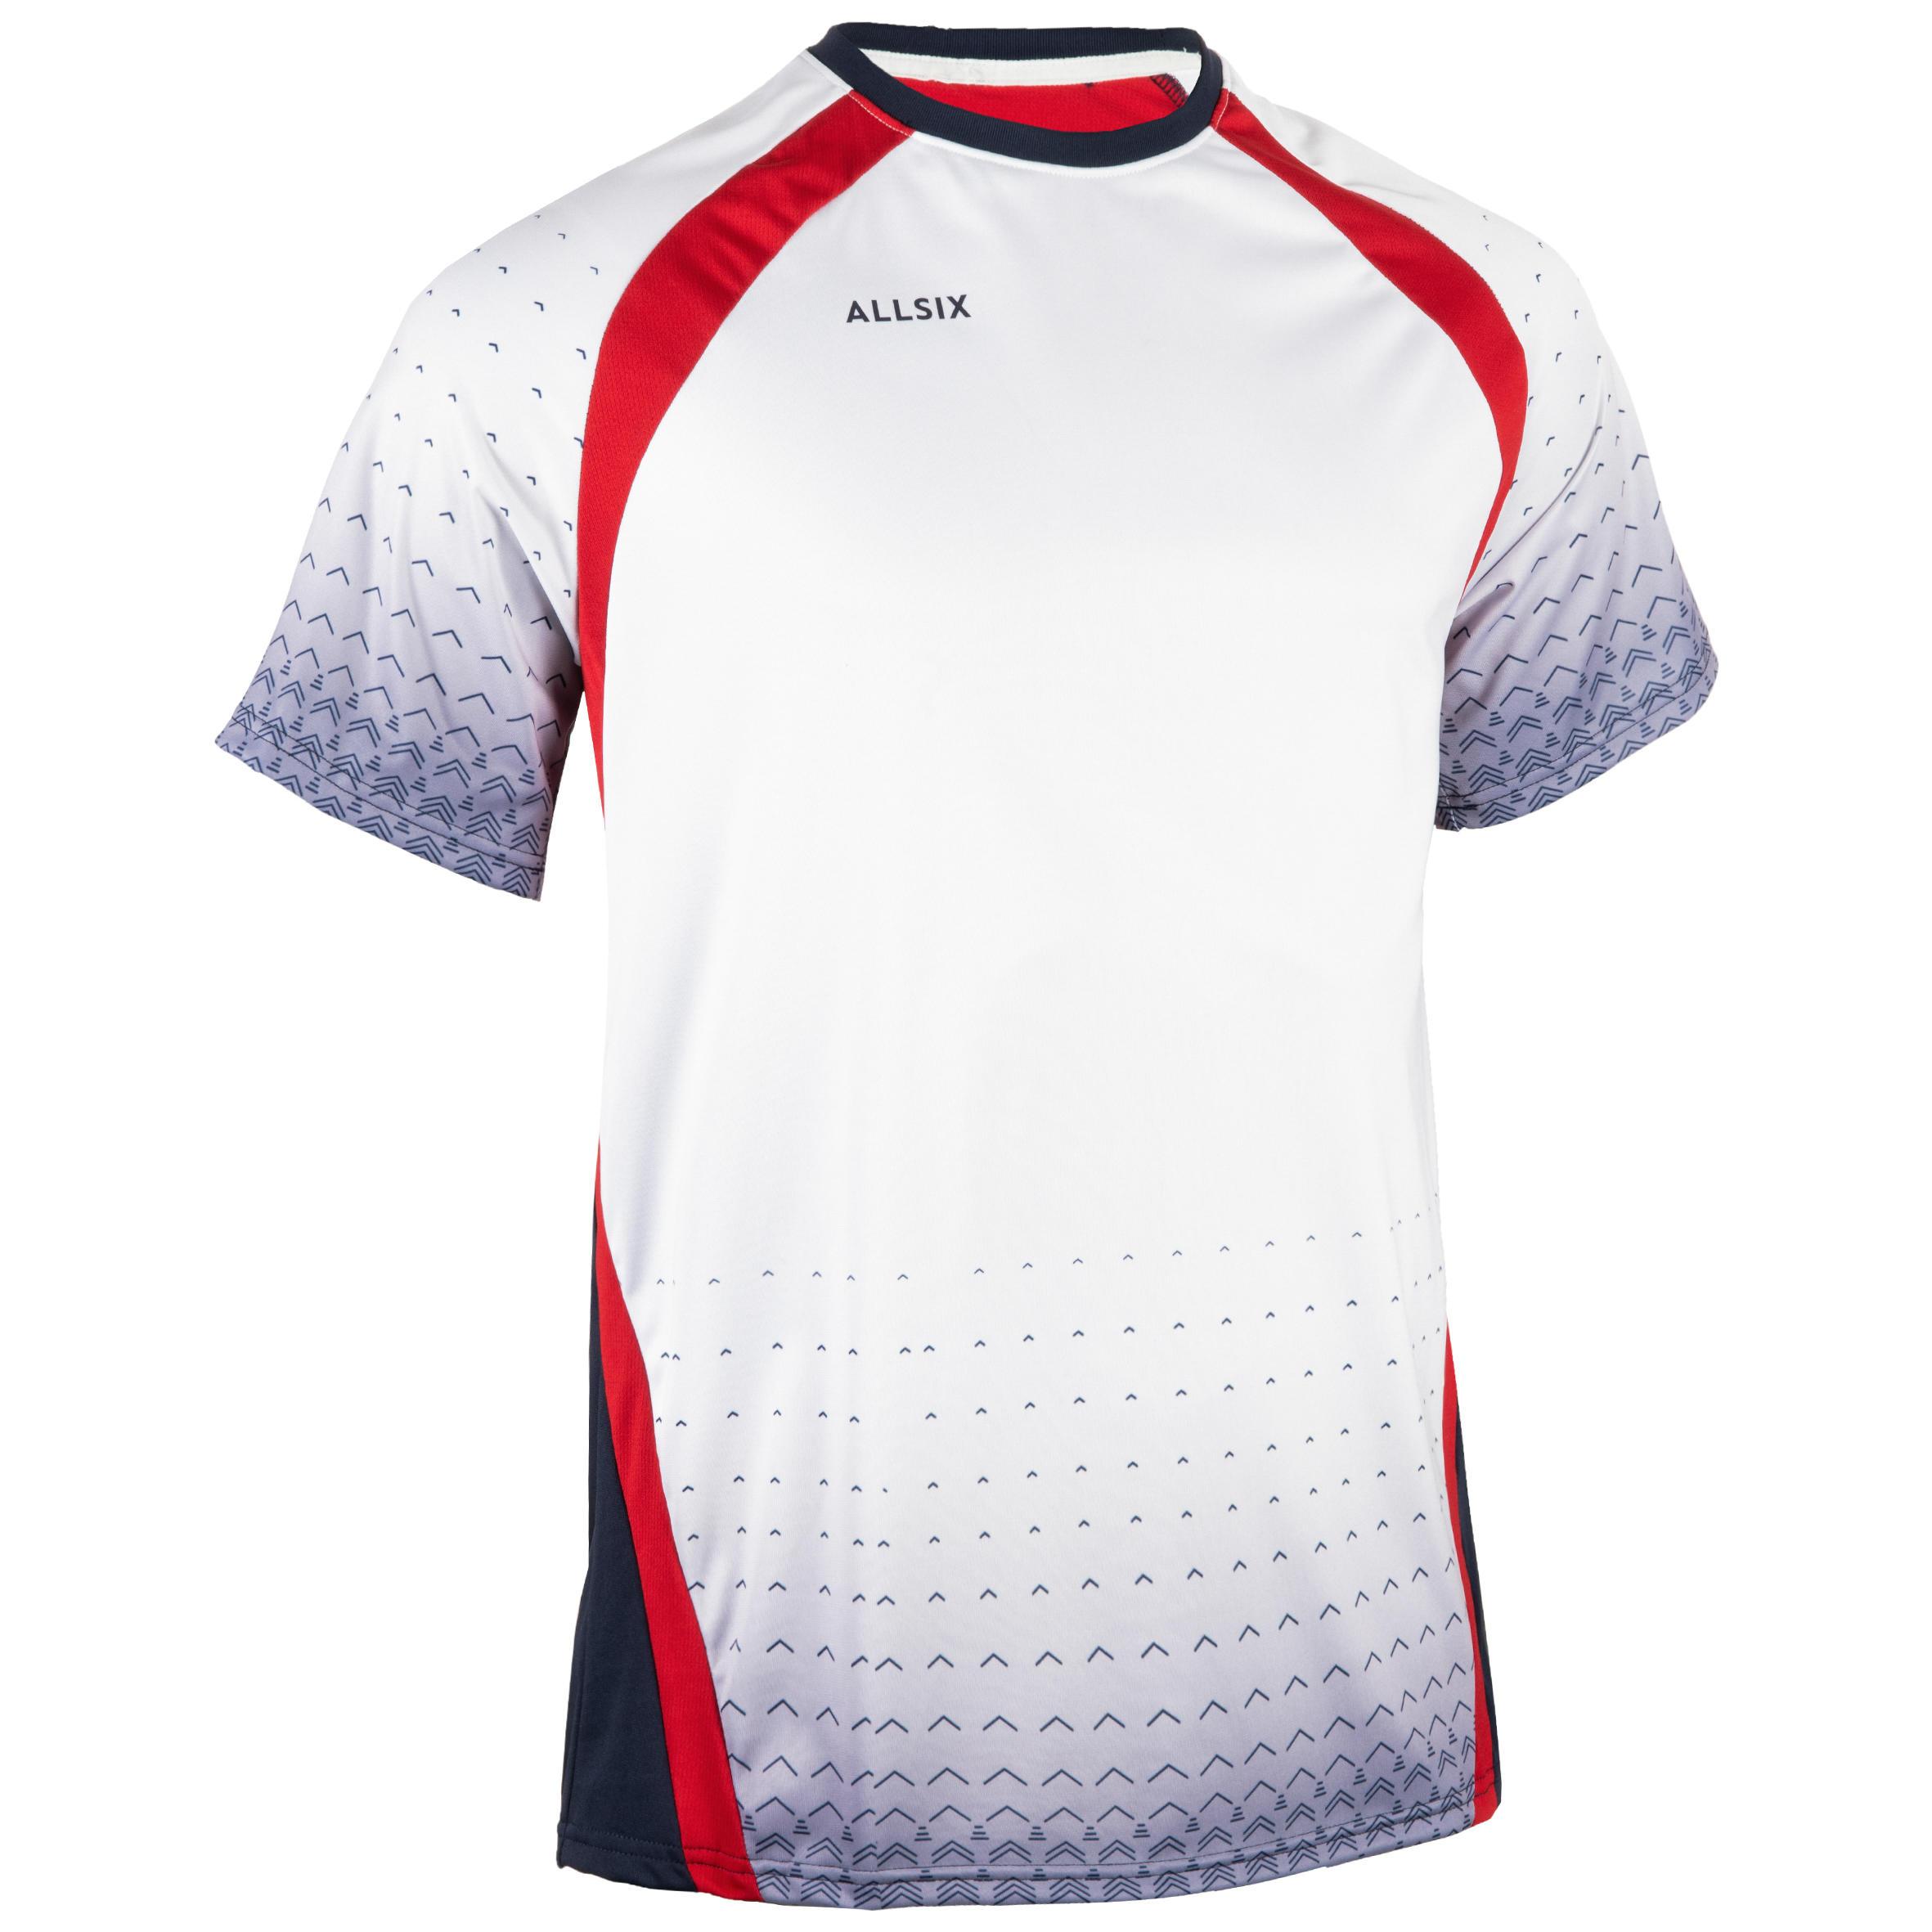 Allsix Volleybalshirt voor heren V500 grijs/rood